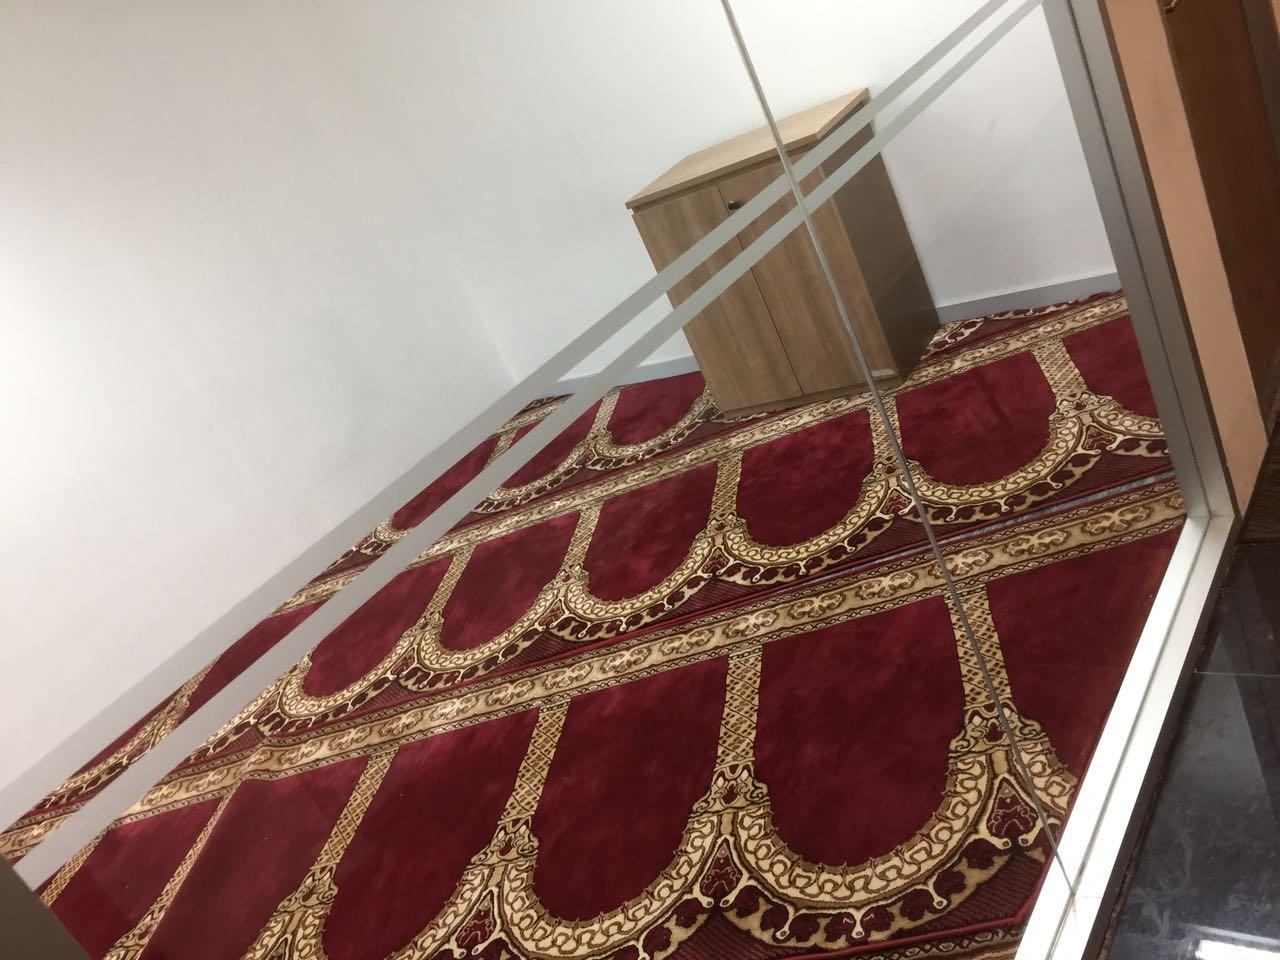 Informasi harga Jual Karpet Sajadah Masjid Turki Roll Berkualitas Tebal Di Bekasi Utara